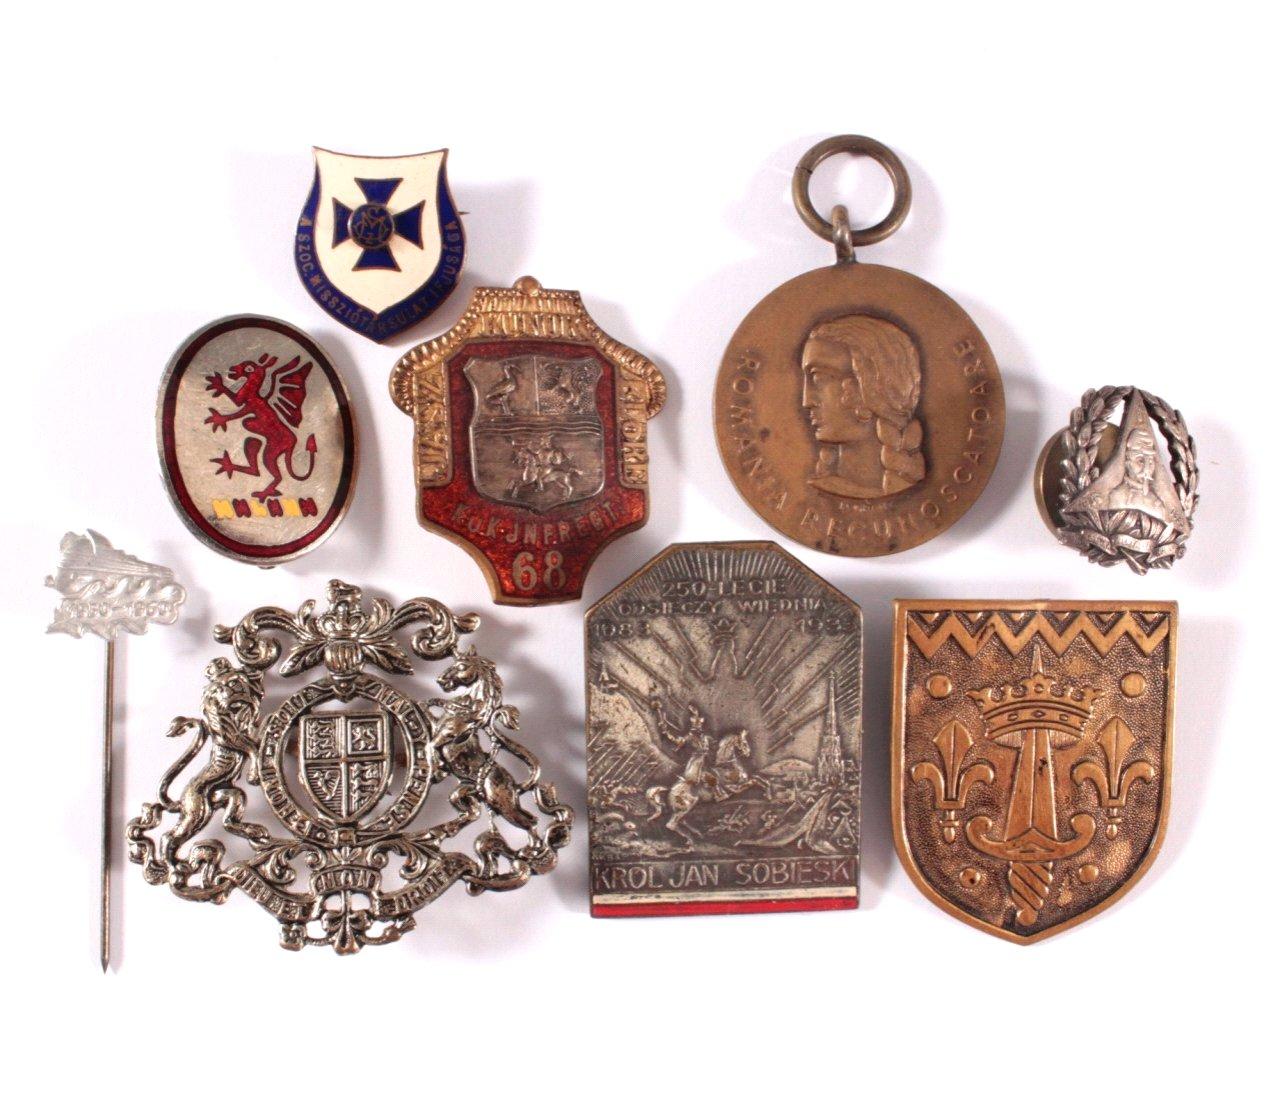 Konvolut Veranstaltungsabzeichen und 1 Medaille, Ausland